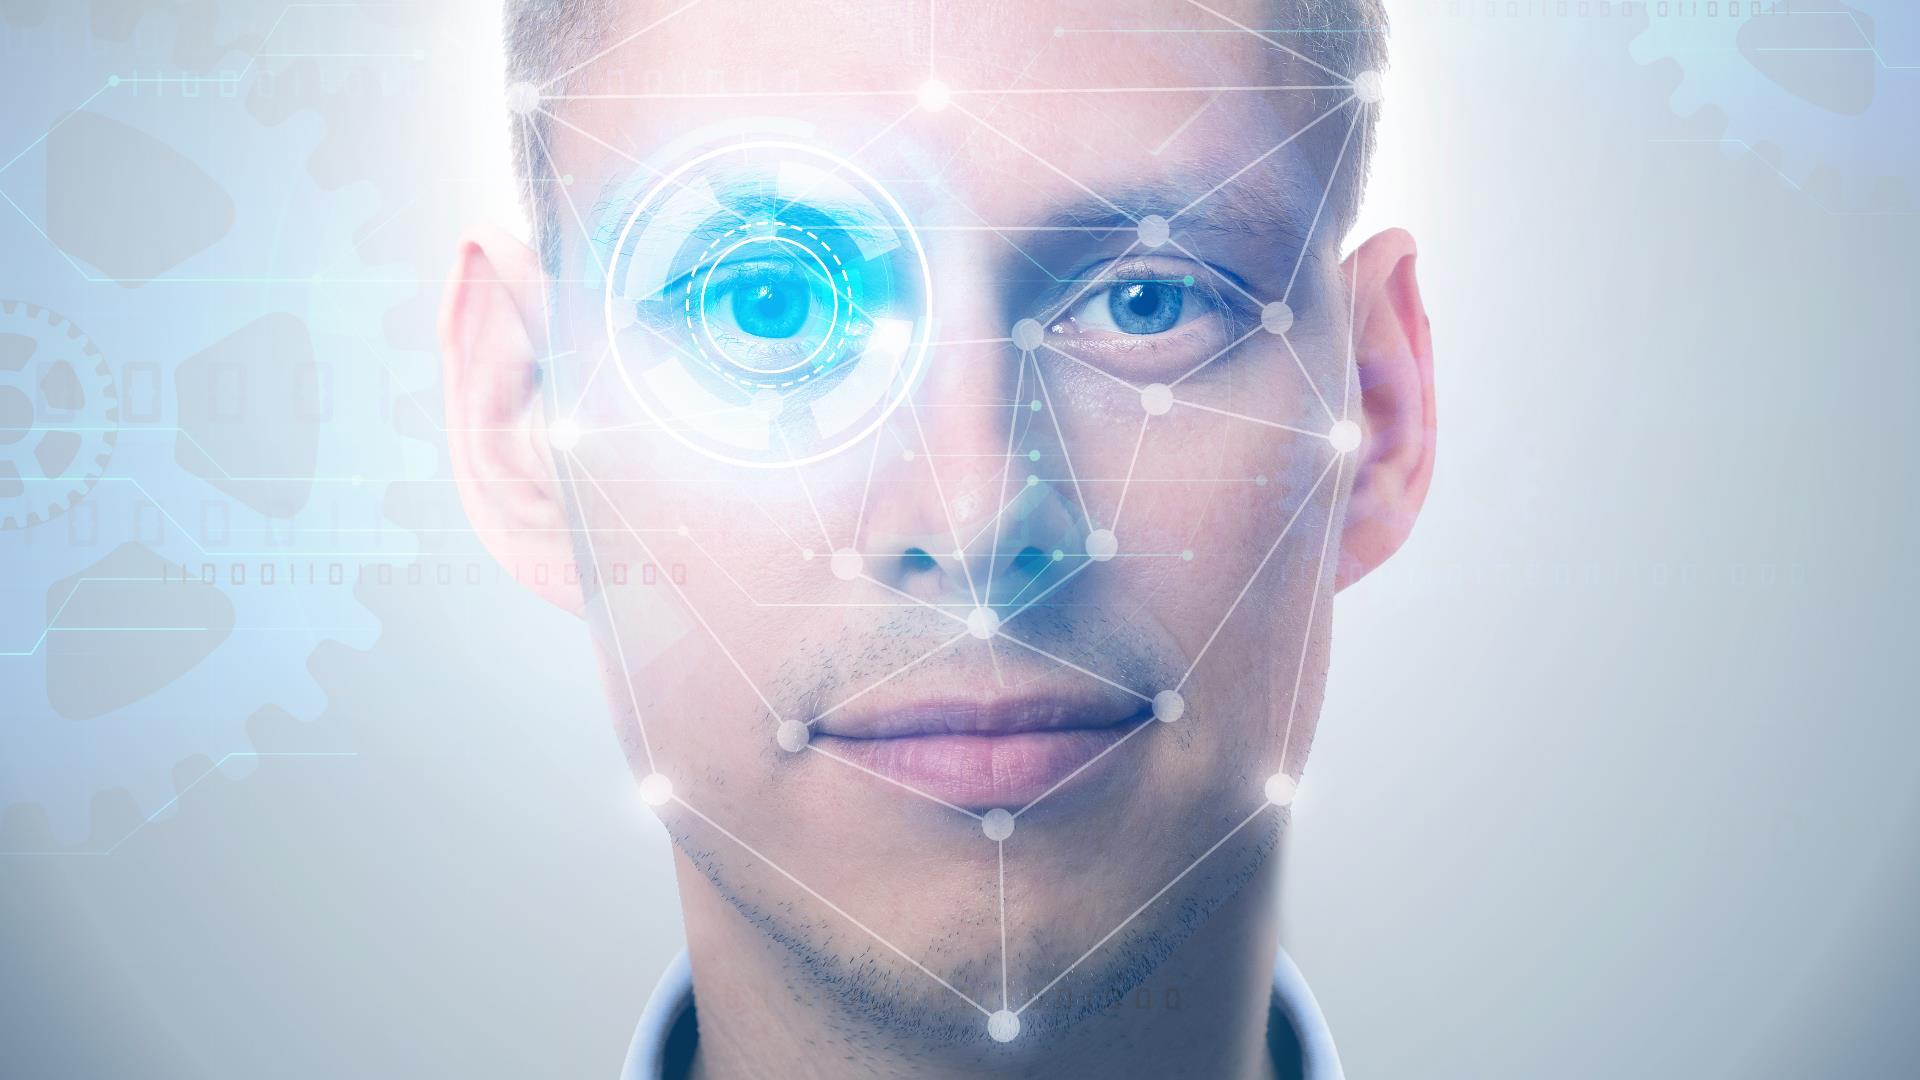 reconocimientofacial-01.jpg